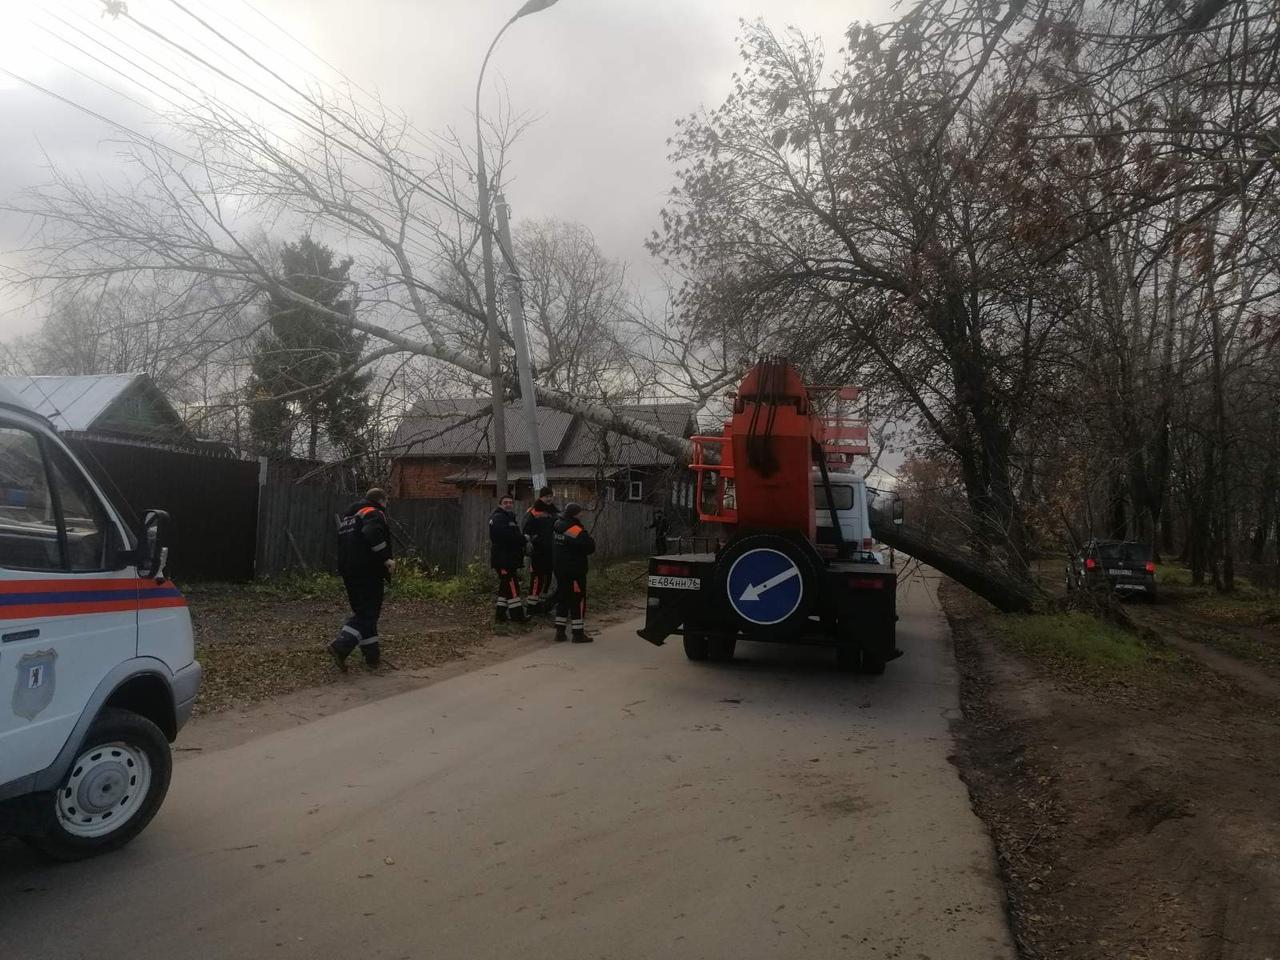 Ветер в Ярославле валил деревья и сносил заборы: спасатели ликвидируют последствия стихии